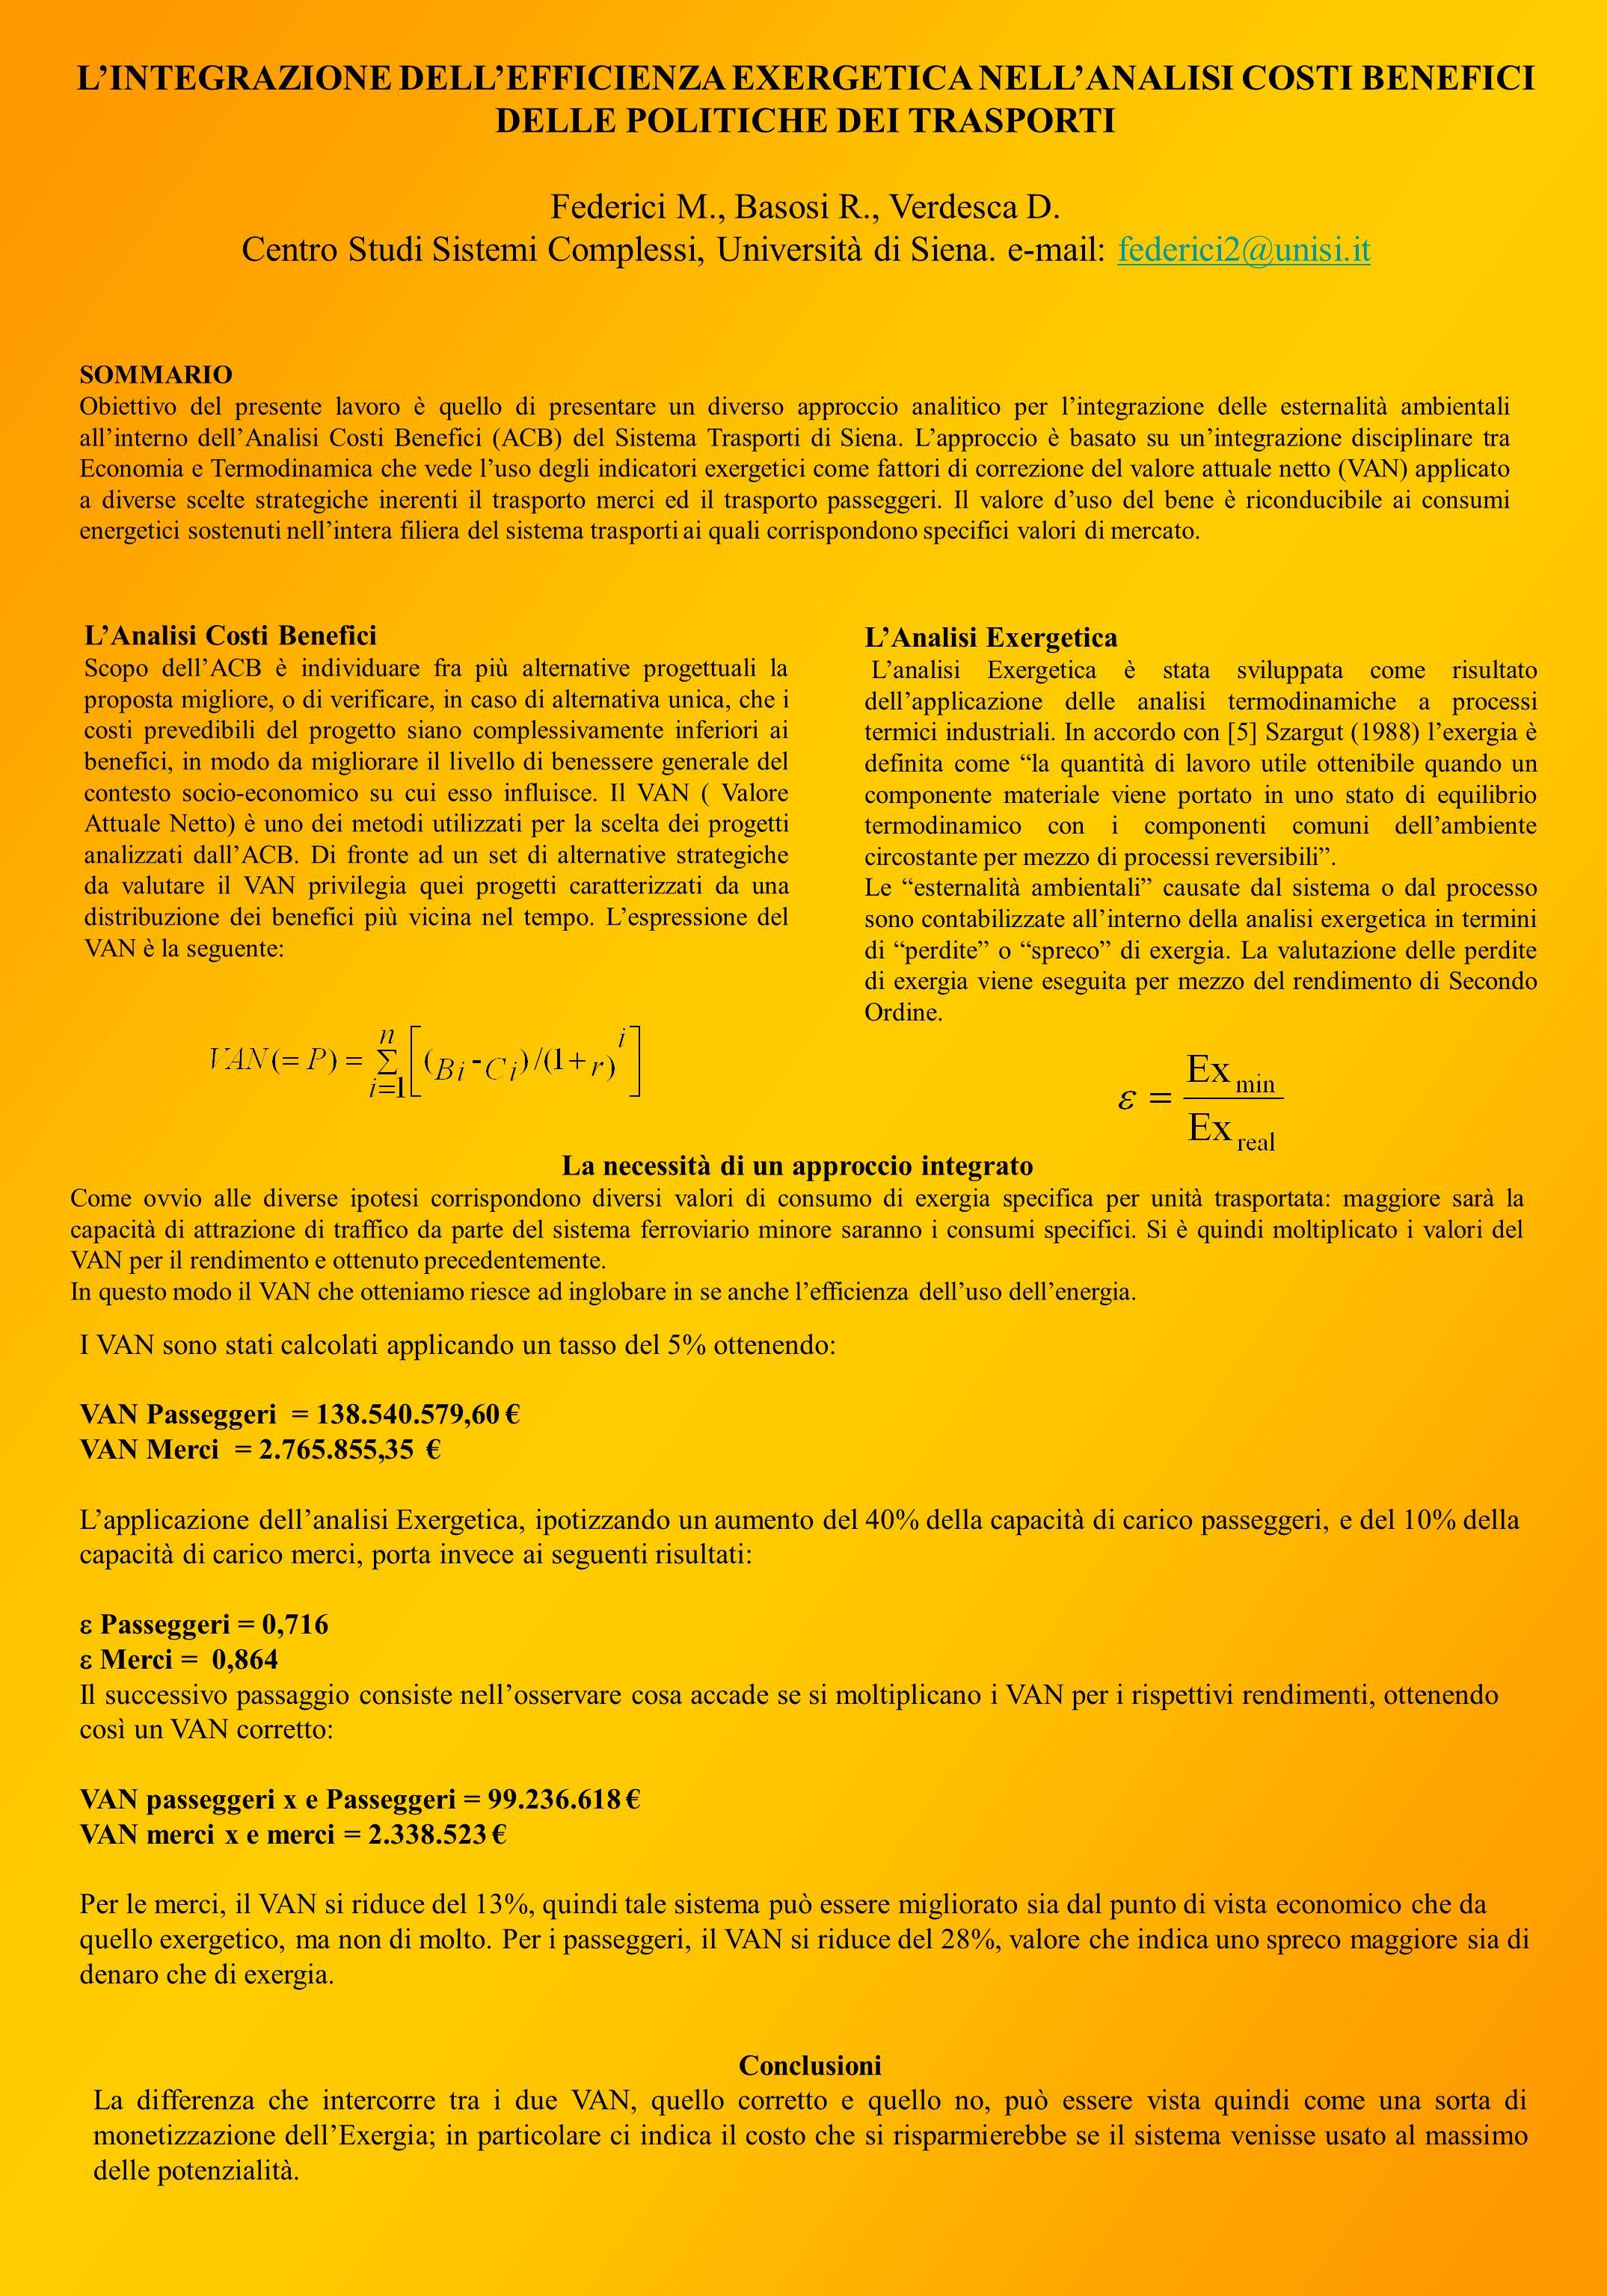 LINTEGRAZIONE DELLEFFICIENZA EXERGETICA NELLANALISI COSTI BENEFICI DELLE POLITICHE DEI TRASPORTI Federici M., Basosi R., Verdesca D.